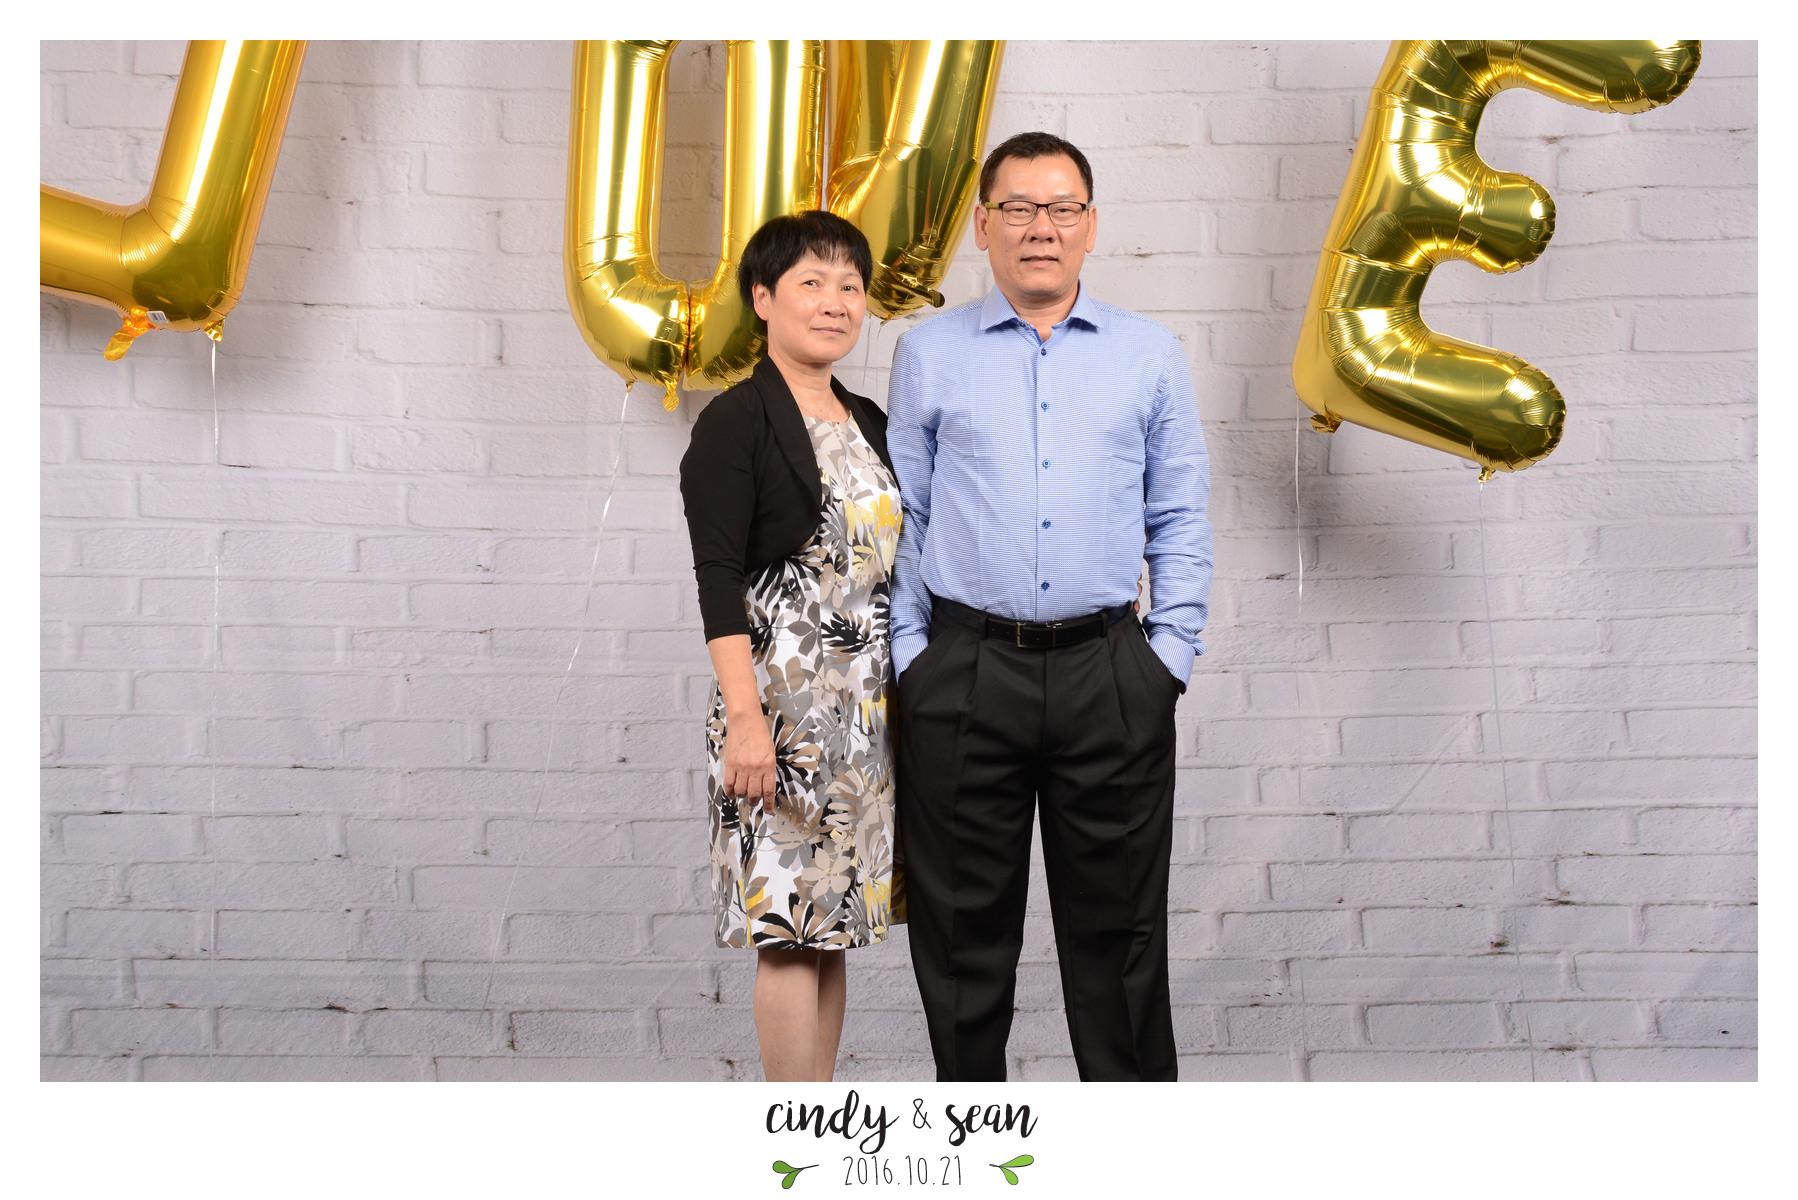 Cindy Sean Bae - 0001-154.jpg